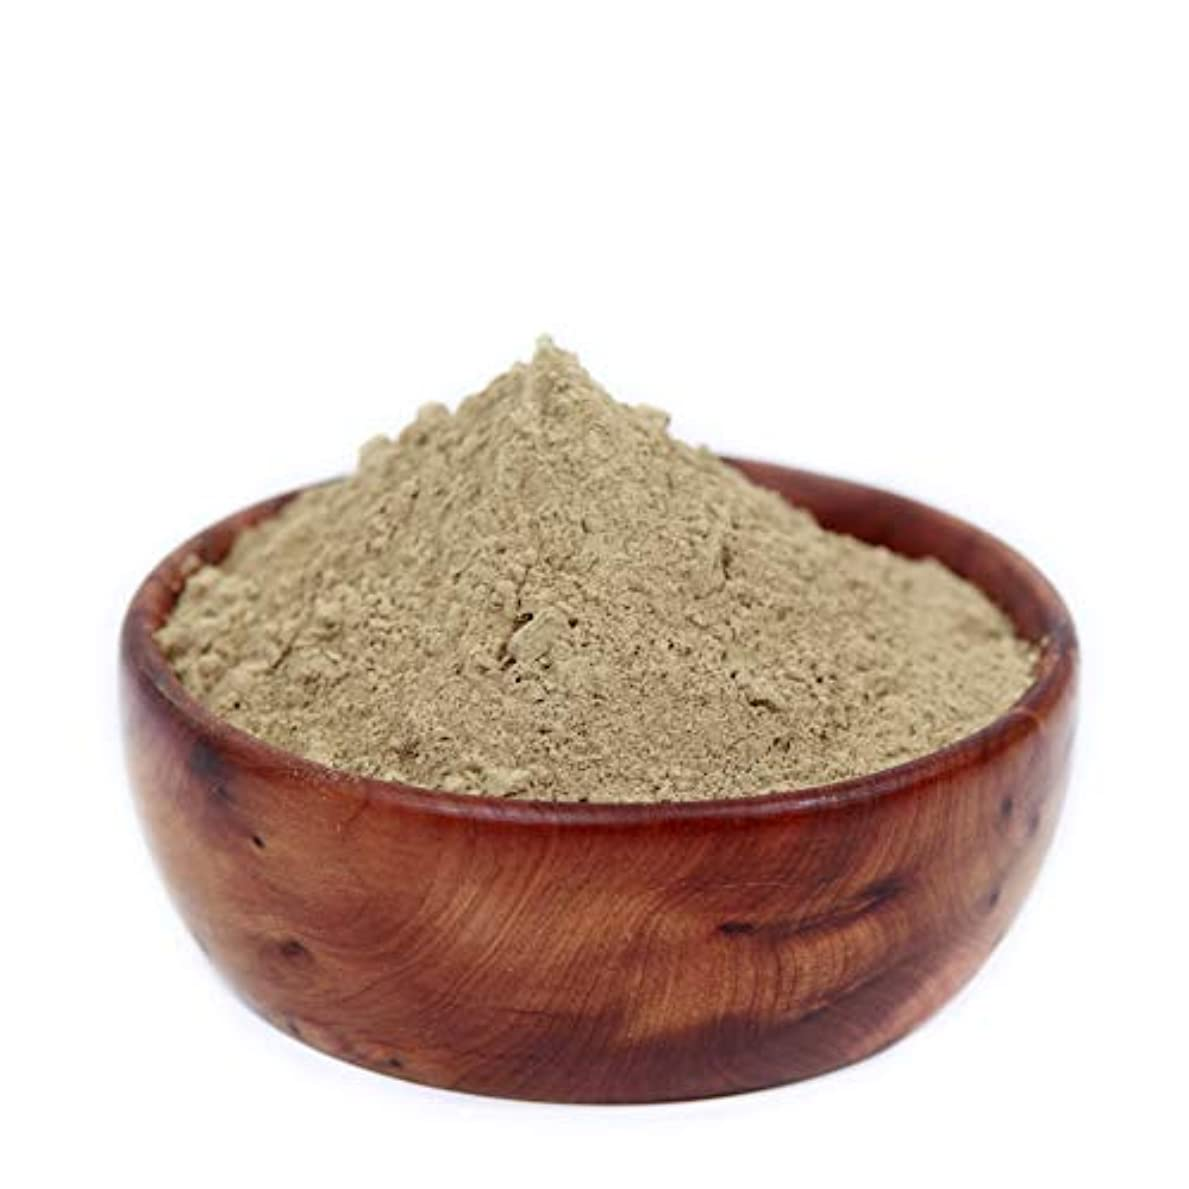 作り上げる構成員献身Olive Green Superfine Australian Clay - 500g